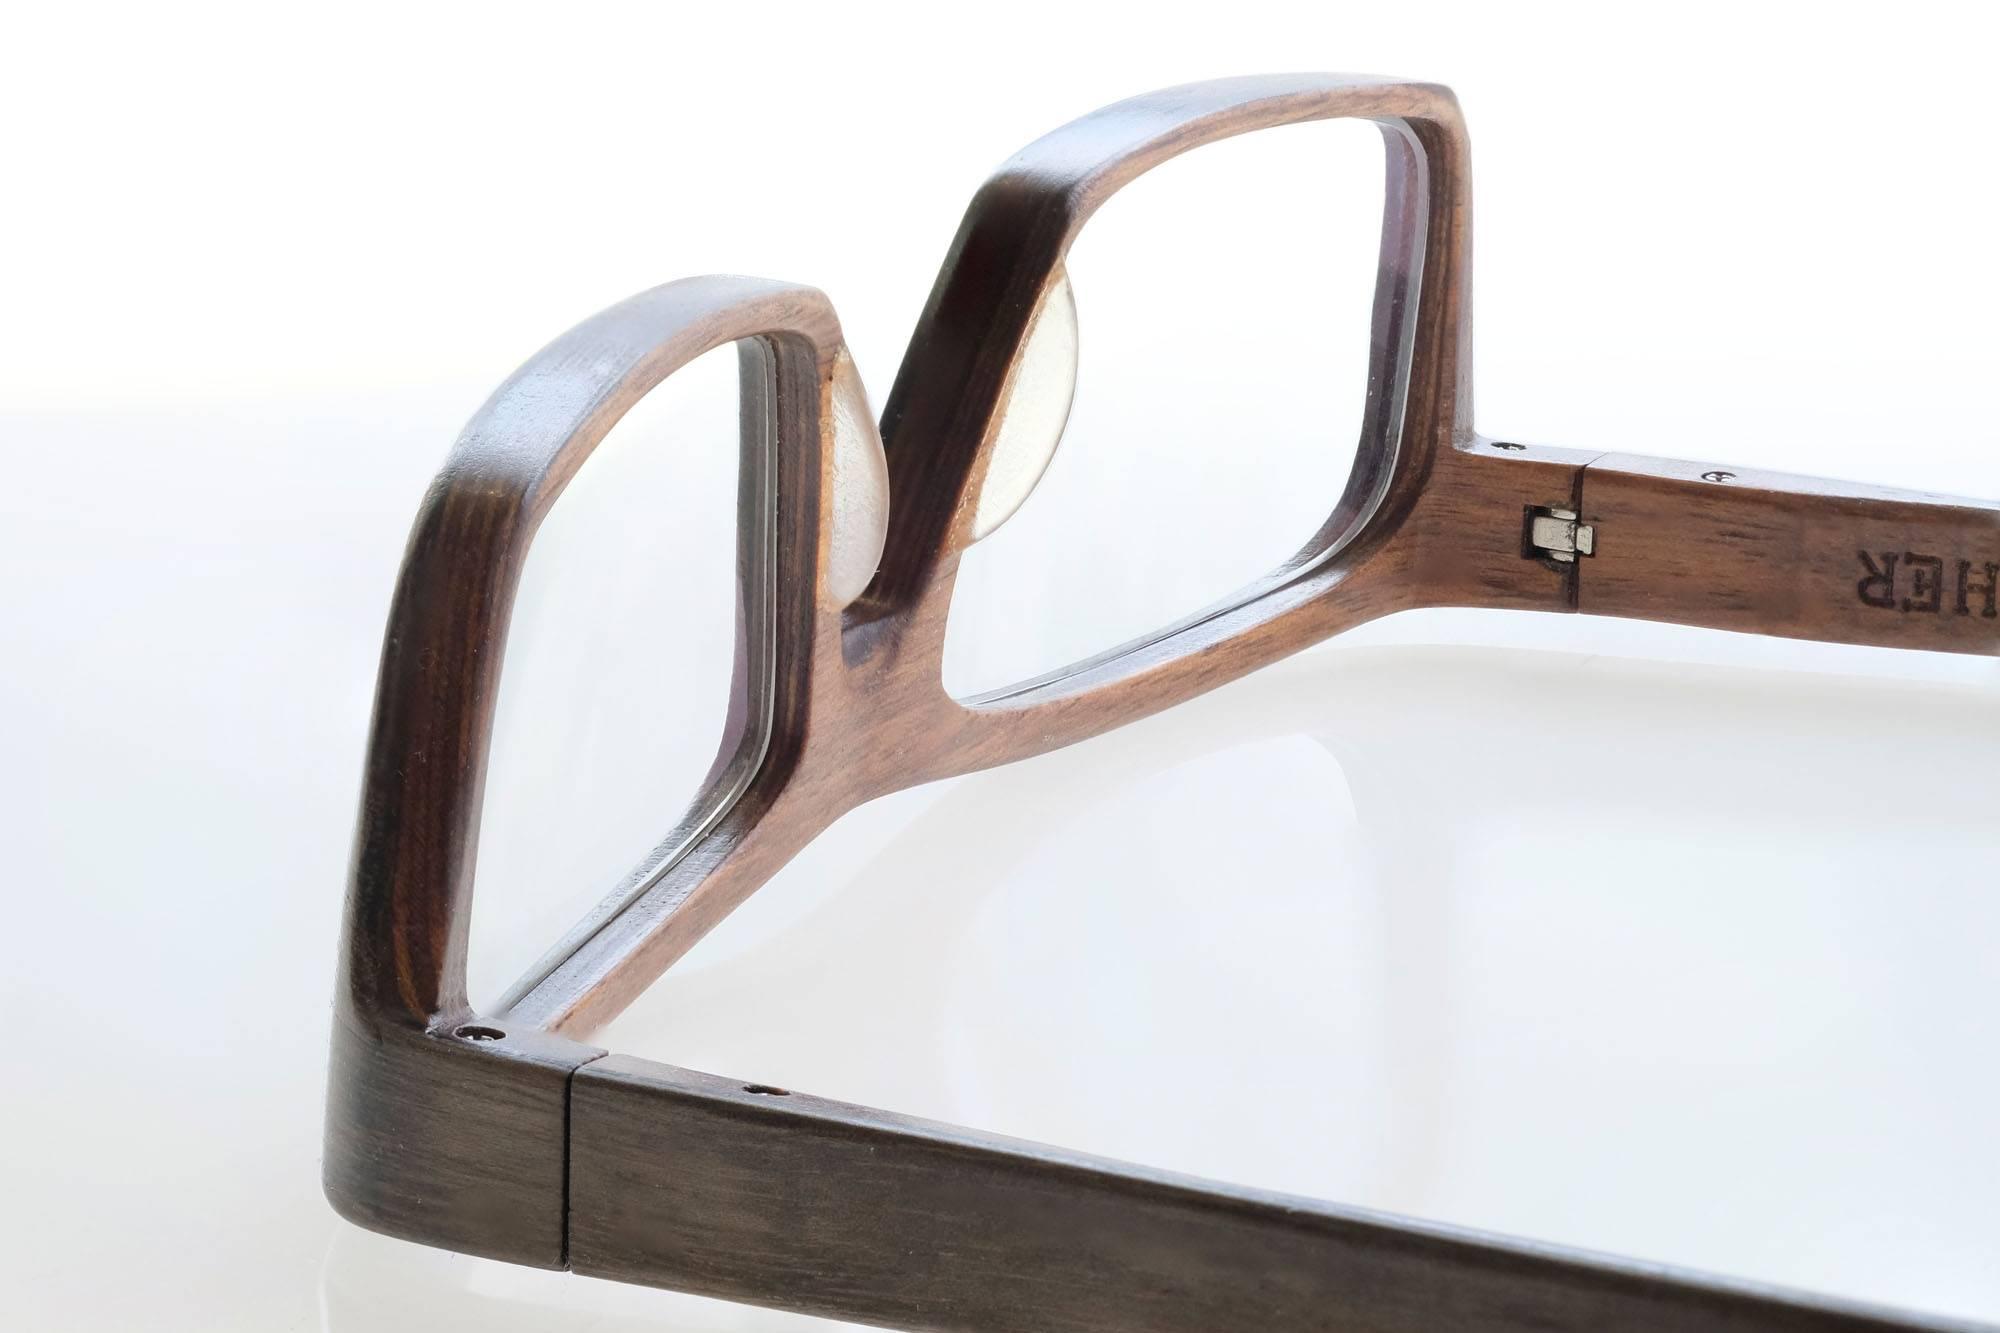 SCHEFFIN! Holzbrille - Brogan in Grauesche und Nussbaum